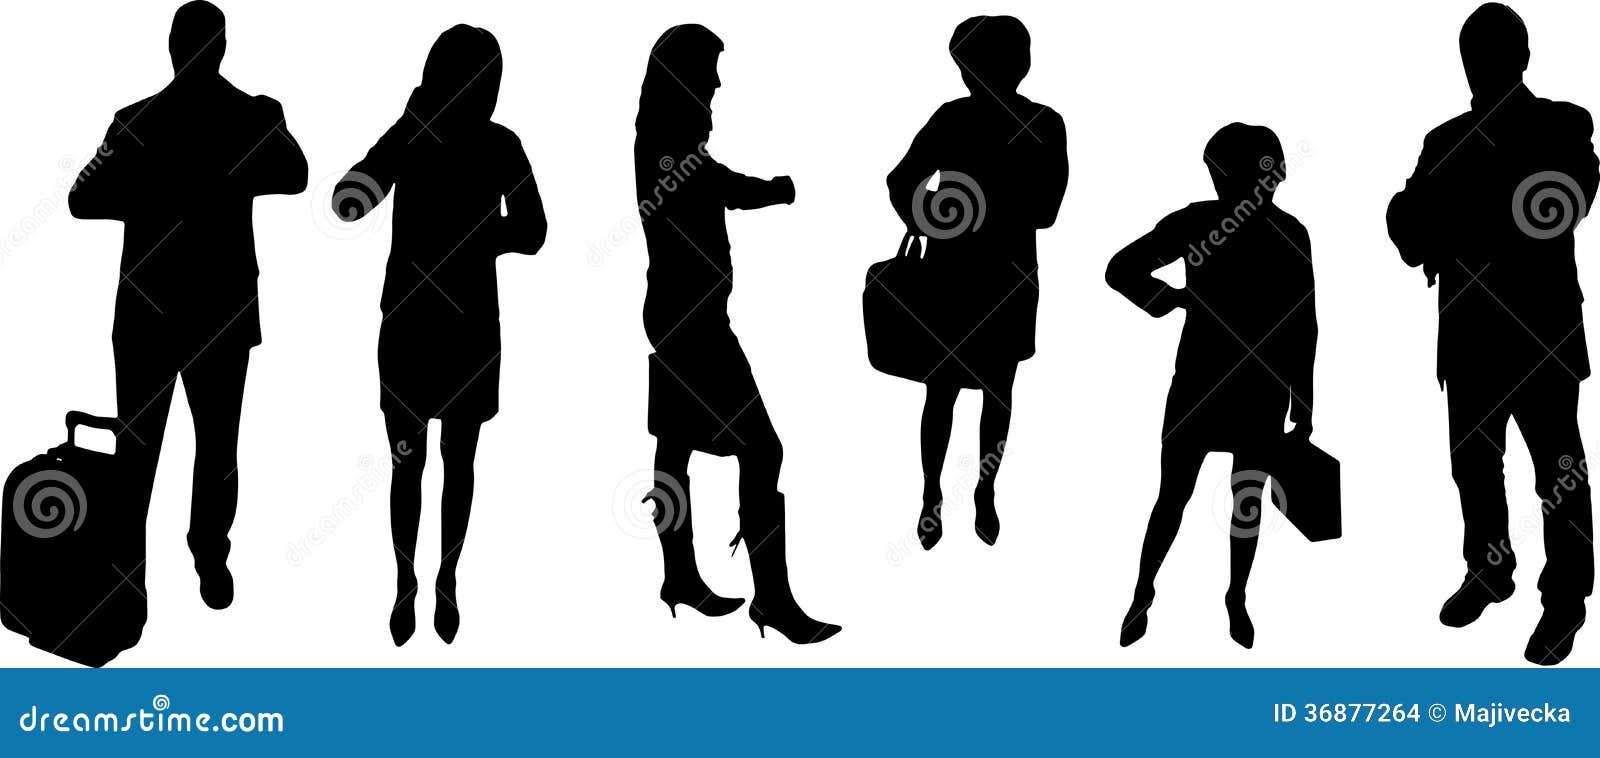 Download Siluette Di Vettore Delle Persone Di Affari Illustrazione Vettoriale - Illustrazione di ufficio, businessman: 36877264